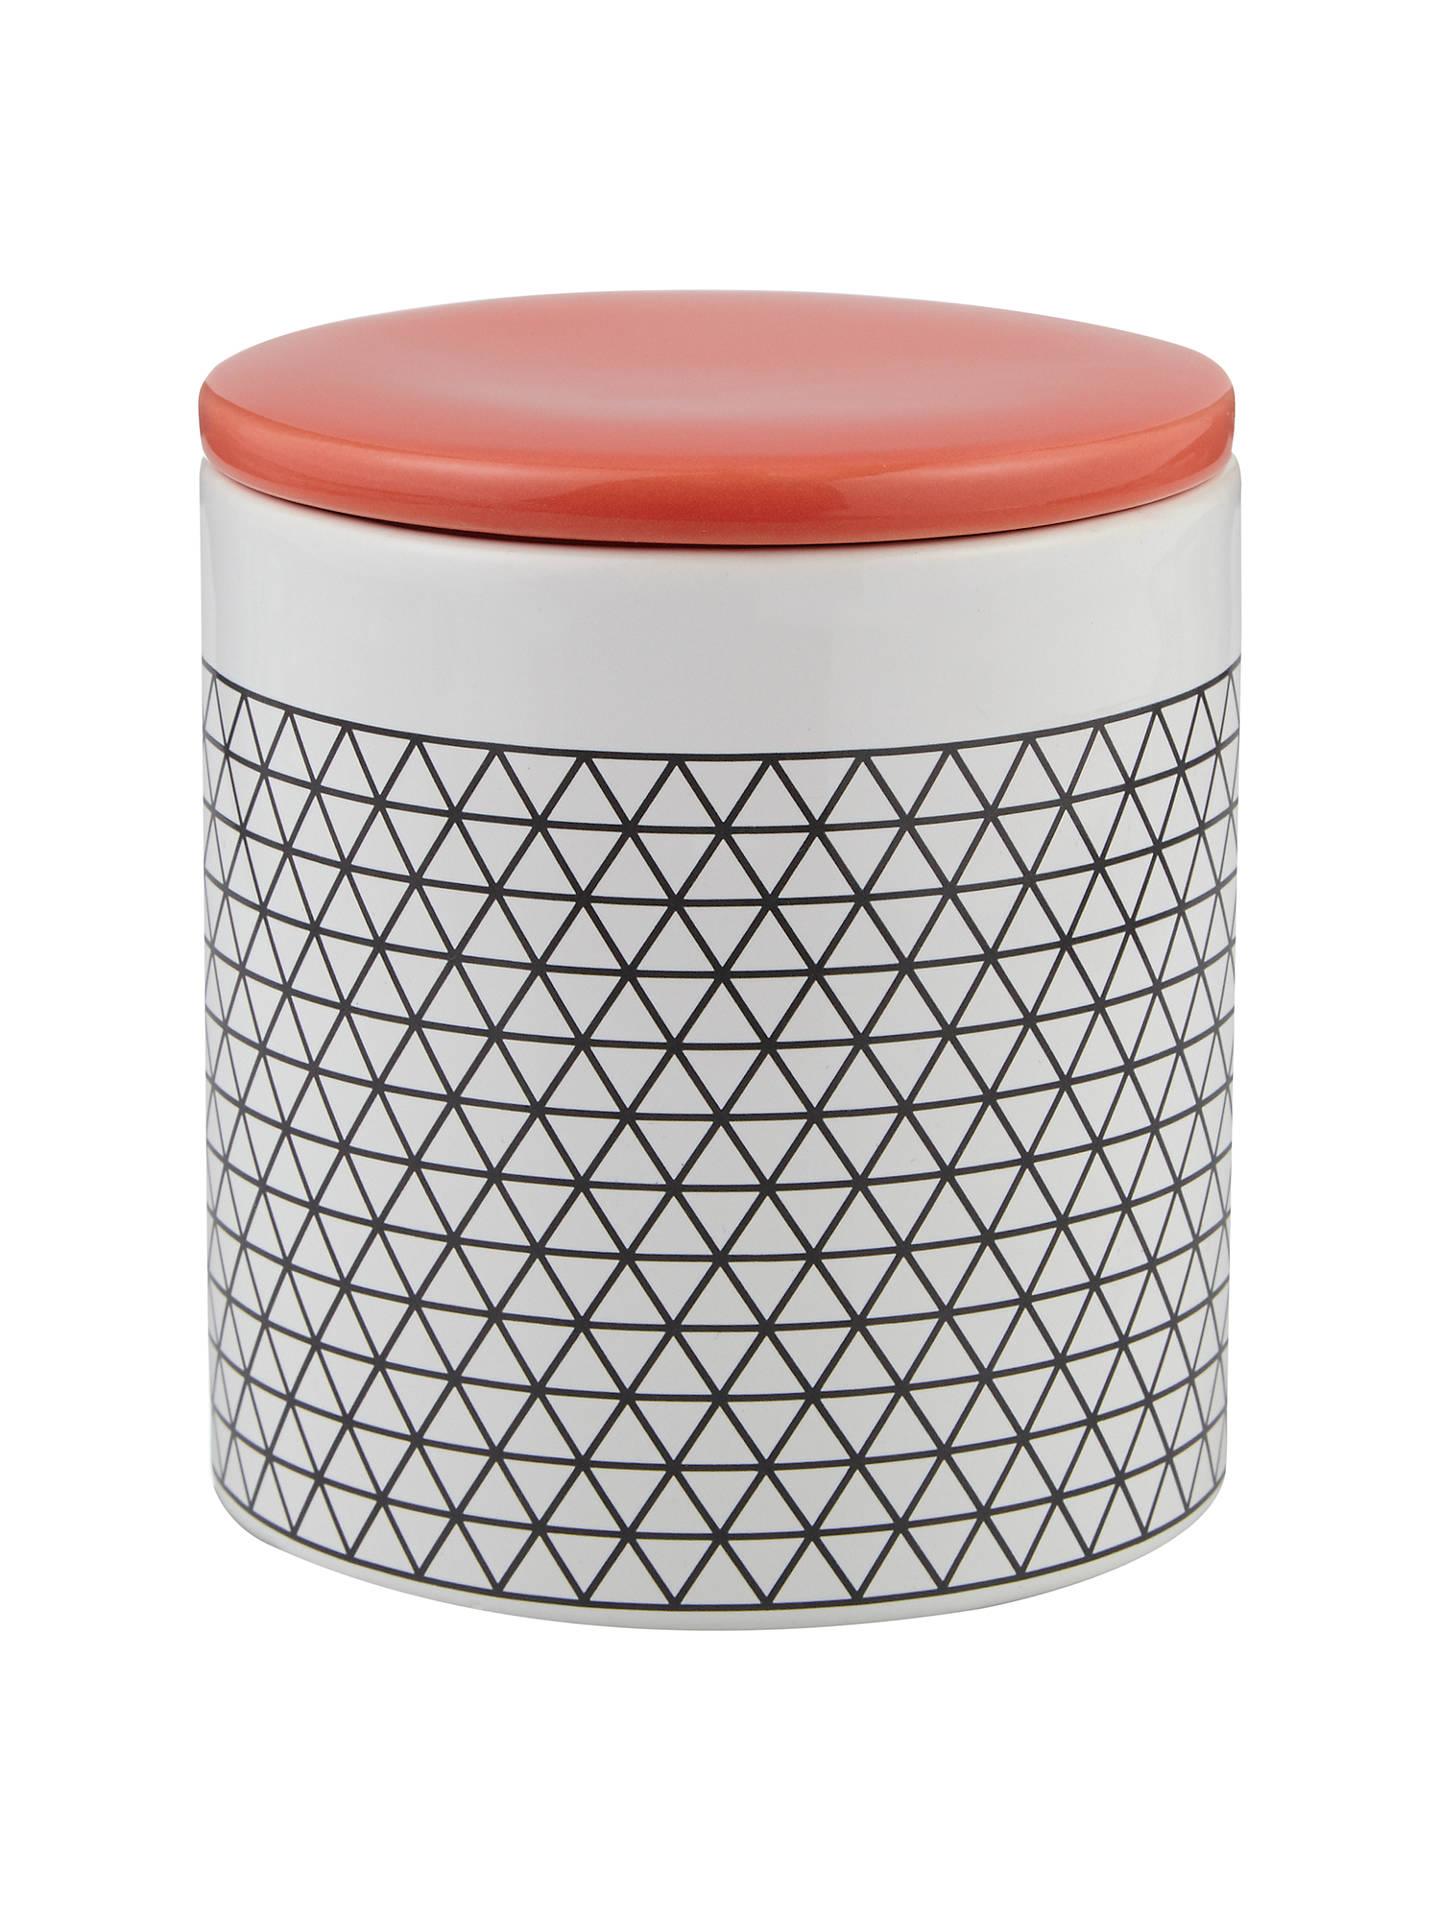 Isometric Bathroom Storage Container